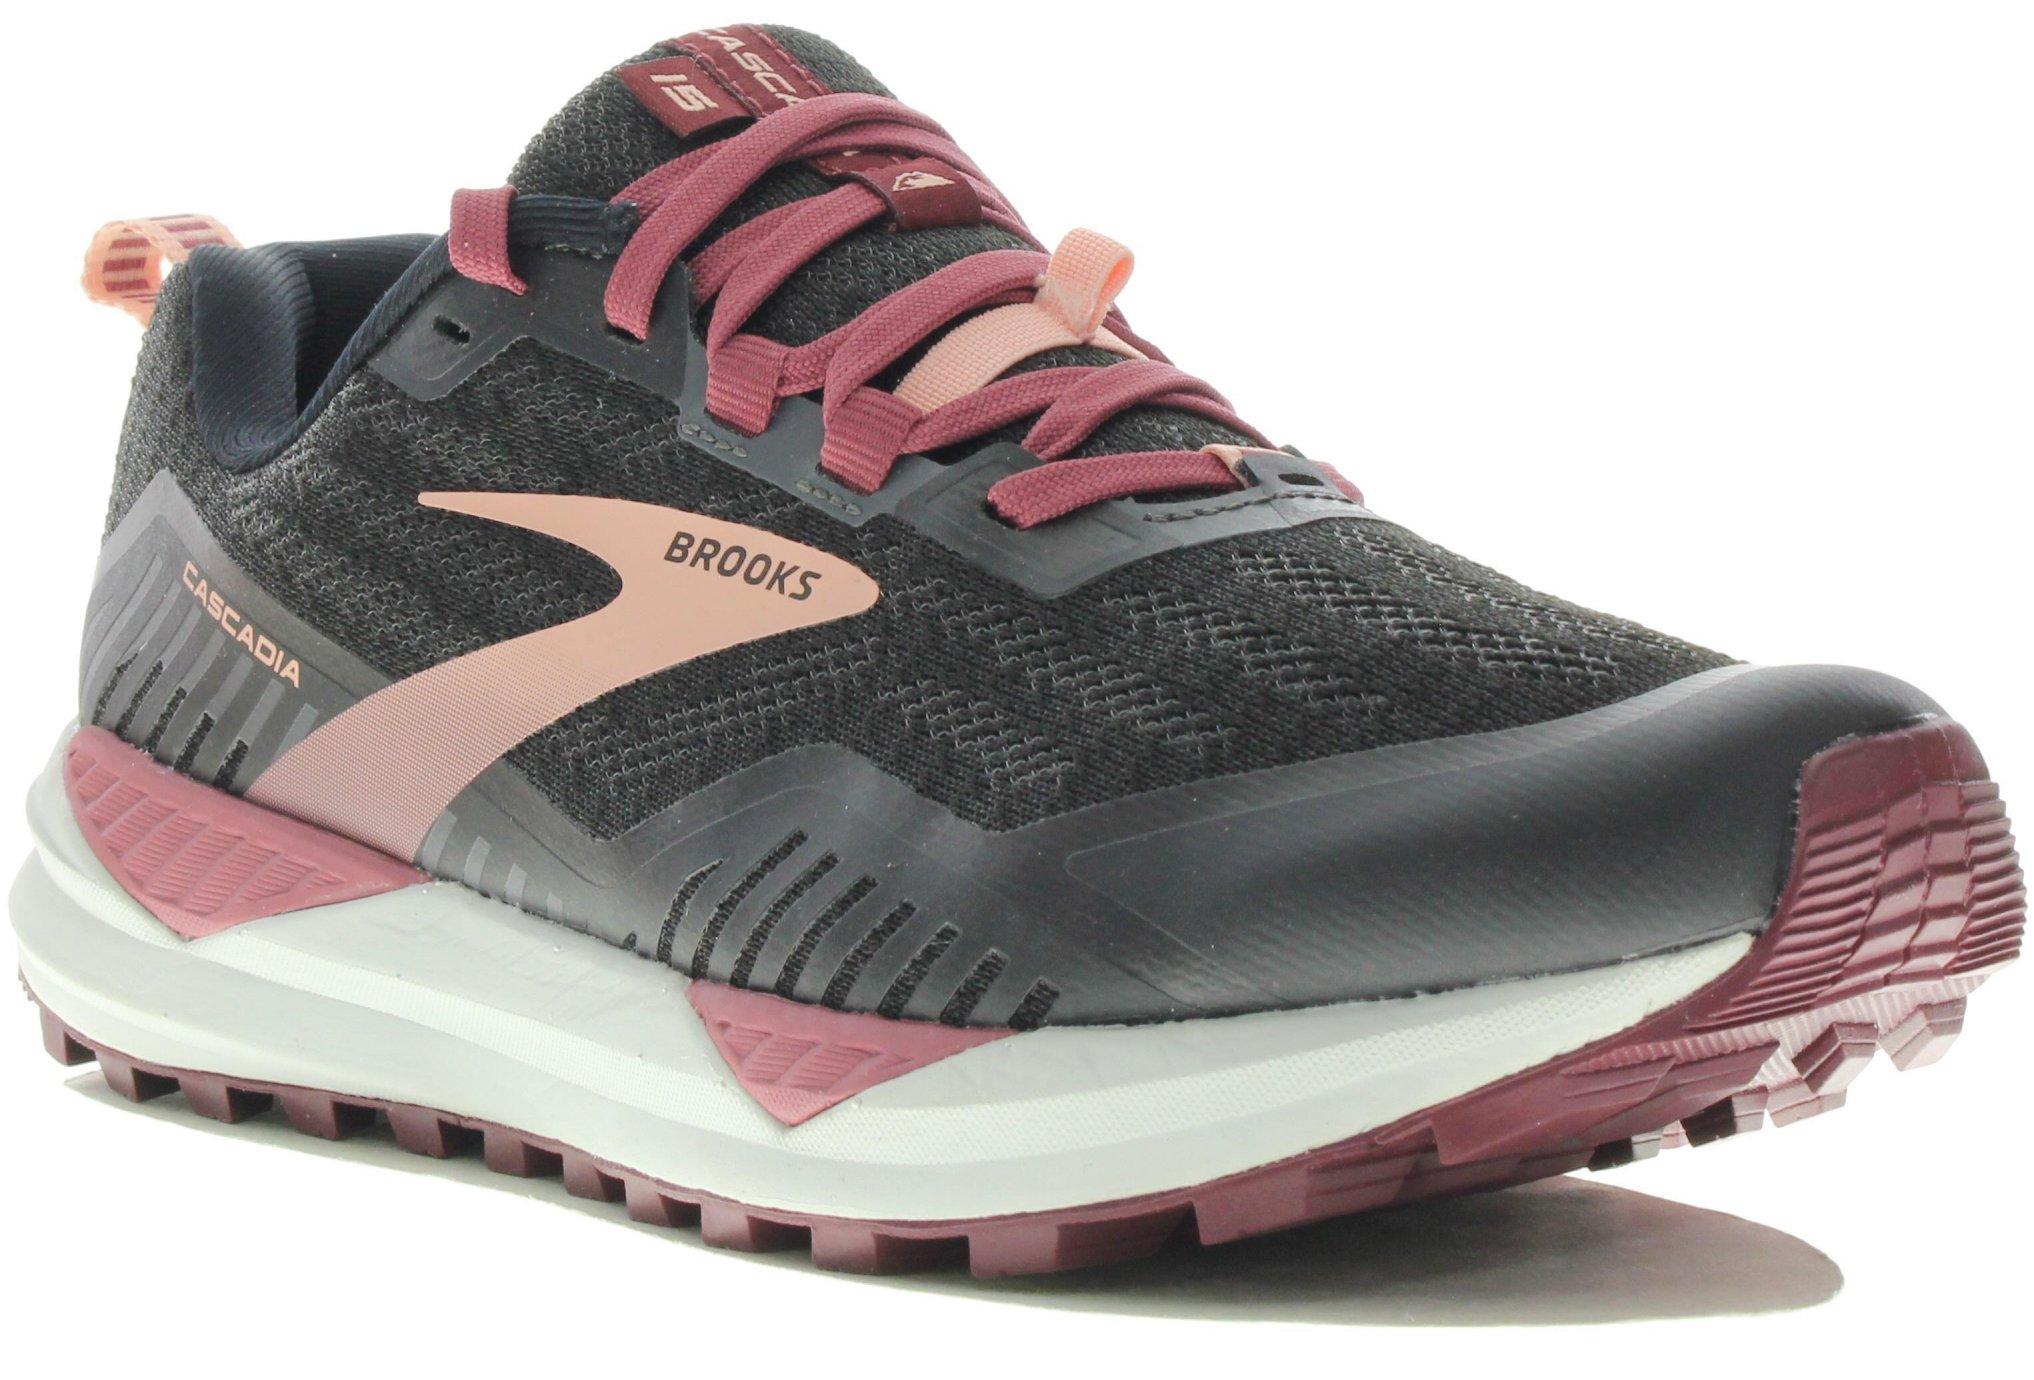 Brooks Cascadia 15 W Diététique Chaussures femme